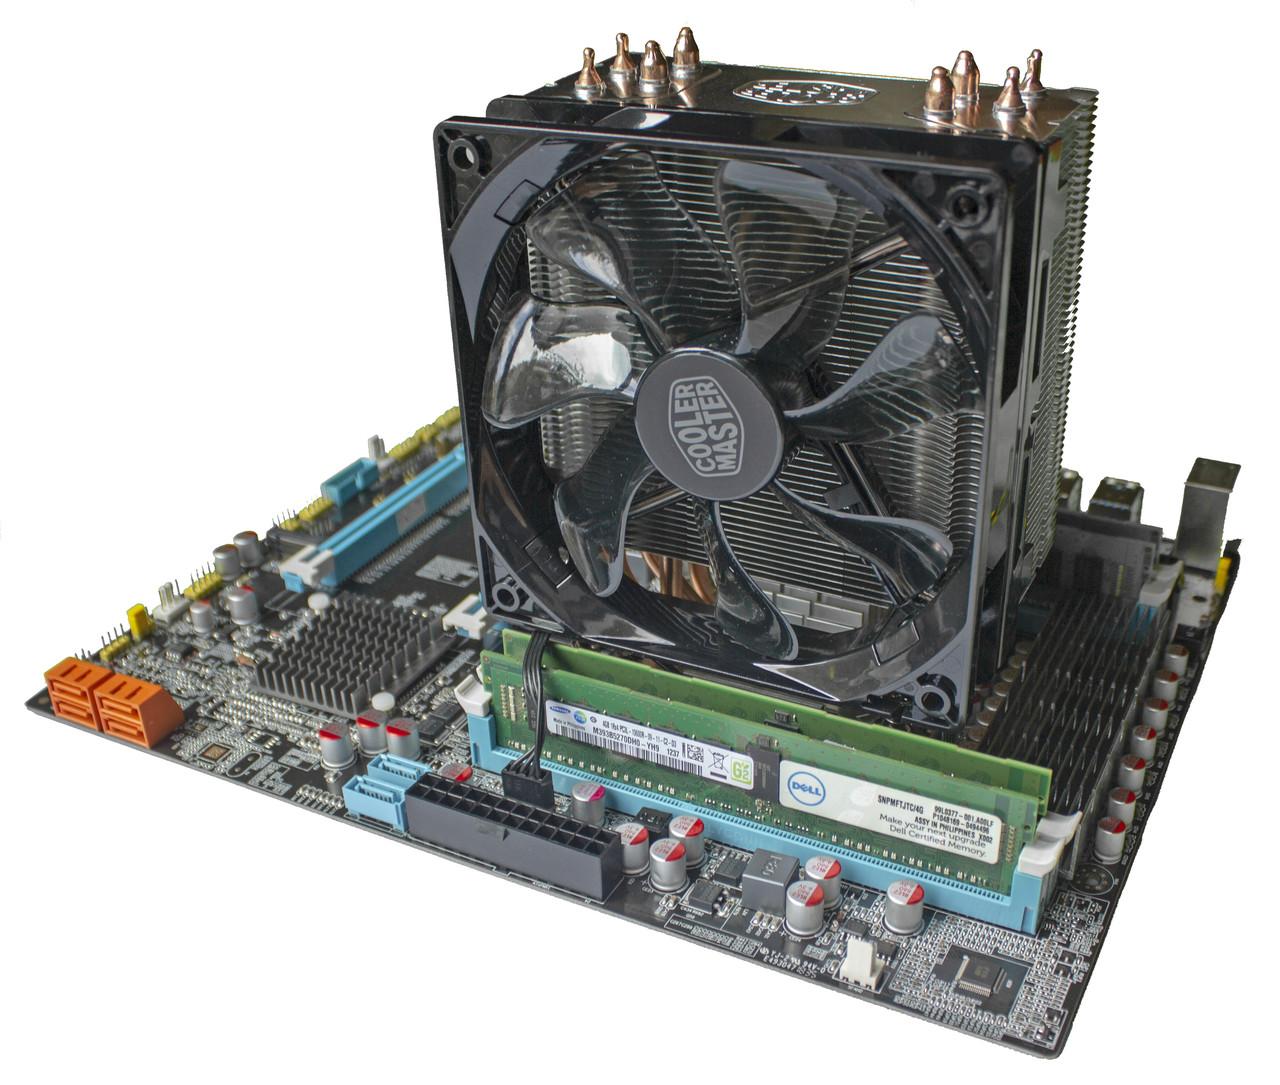 Комплект X79Z-2.4F + Xeon E5-2690 + 16 GB RAM + Кулер, LGA 2011